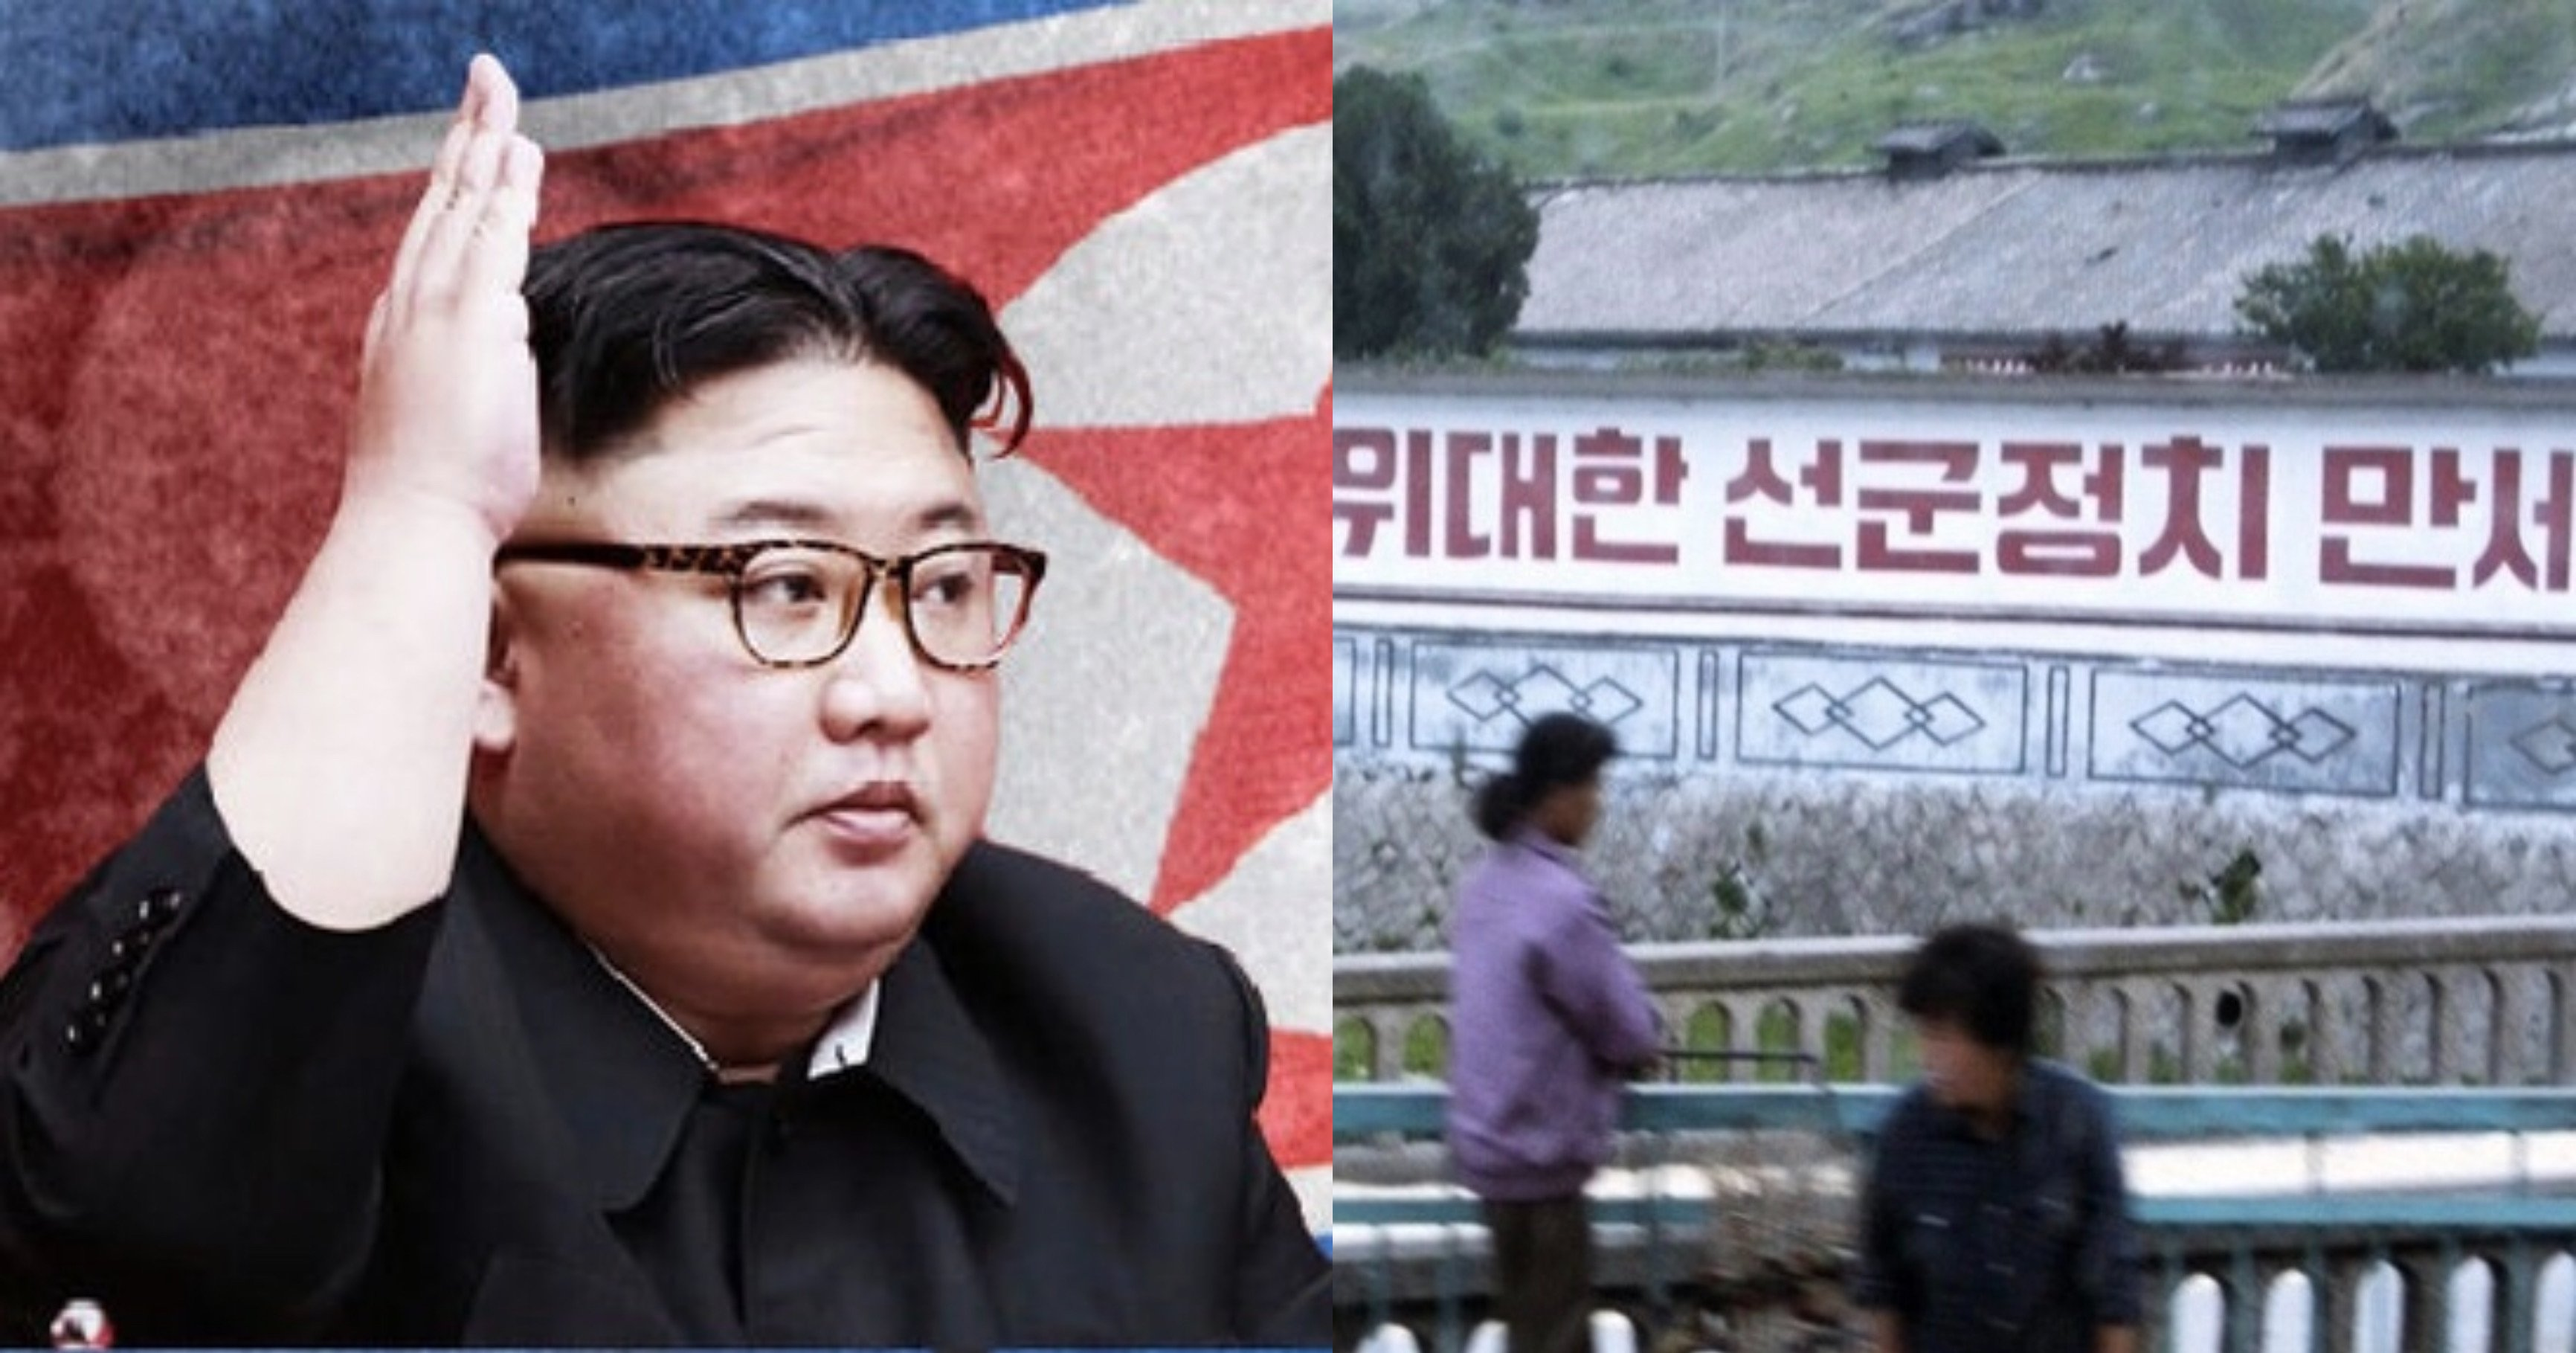 """66872a83 04ba 4d74 ab73 dc00bb42474f.jpeg?resize=412,232 - """"와 저게 북한 시내라고?""""....처음 보는 북한의 실제 개성 시내 모습.jpg"""